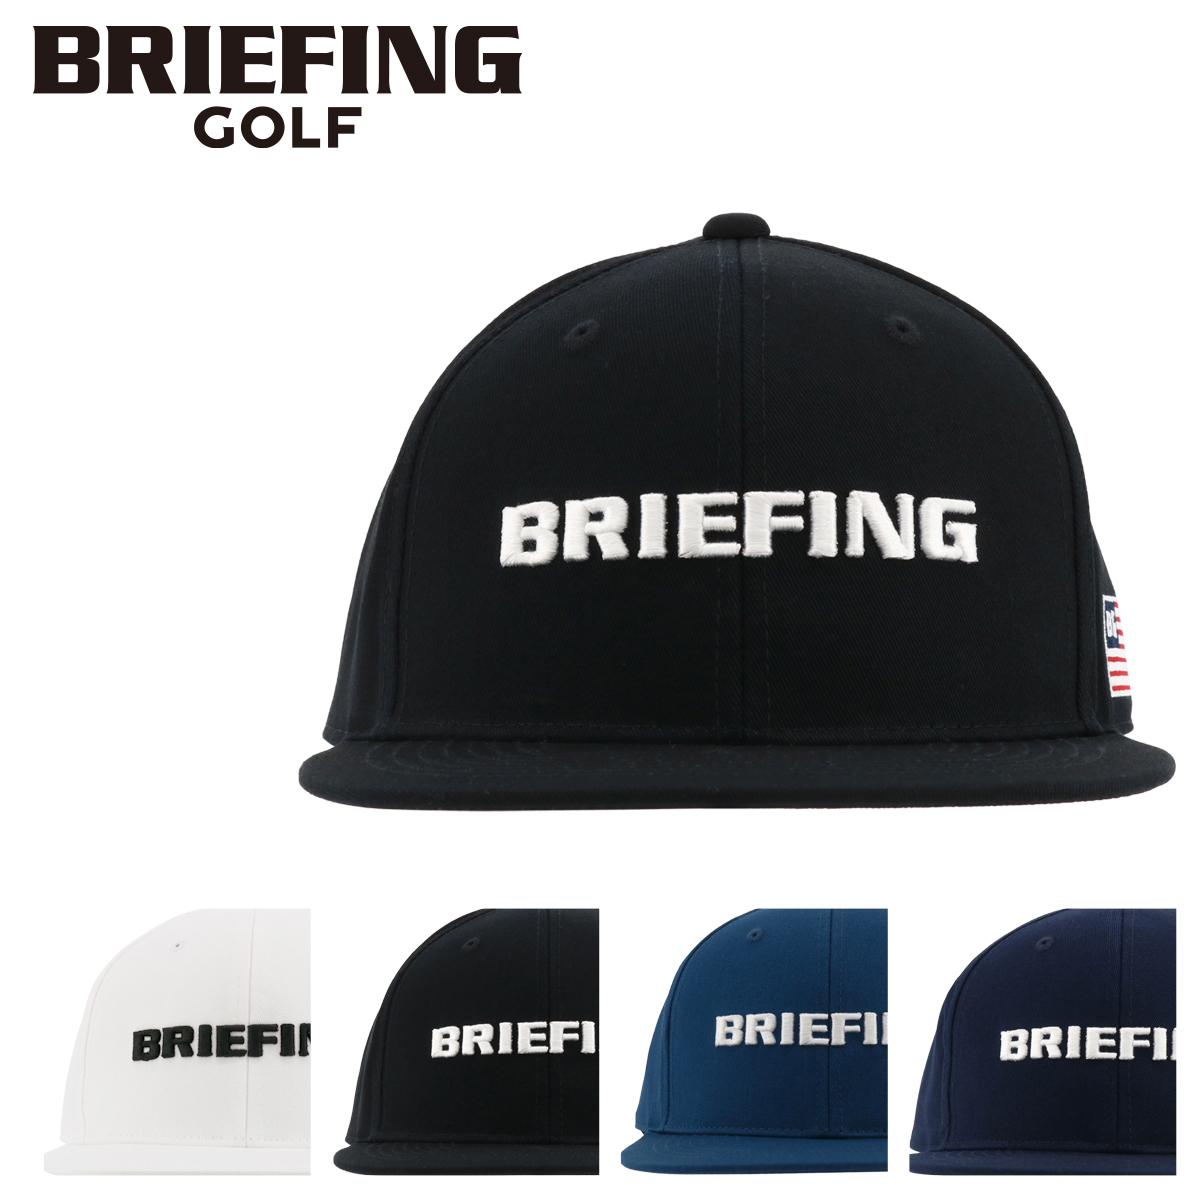 送料無料 あす楽 ブリーフィング ゴルフ 選択 キャップ メンズ BRG211M47 BRIEFING 即日発送 bef PO10 帽子 贈物 FLATVISOR CAP MS